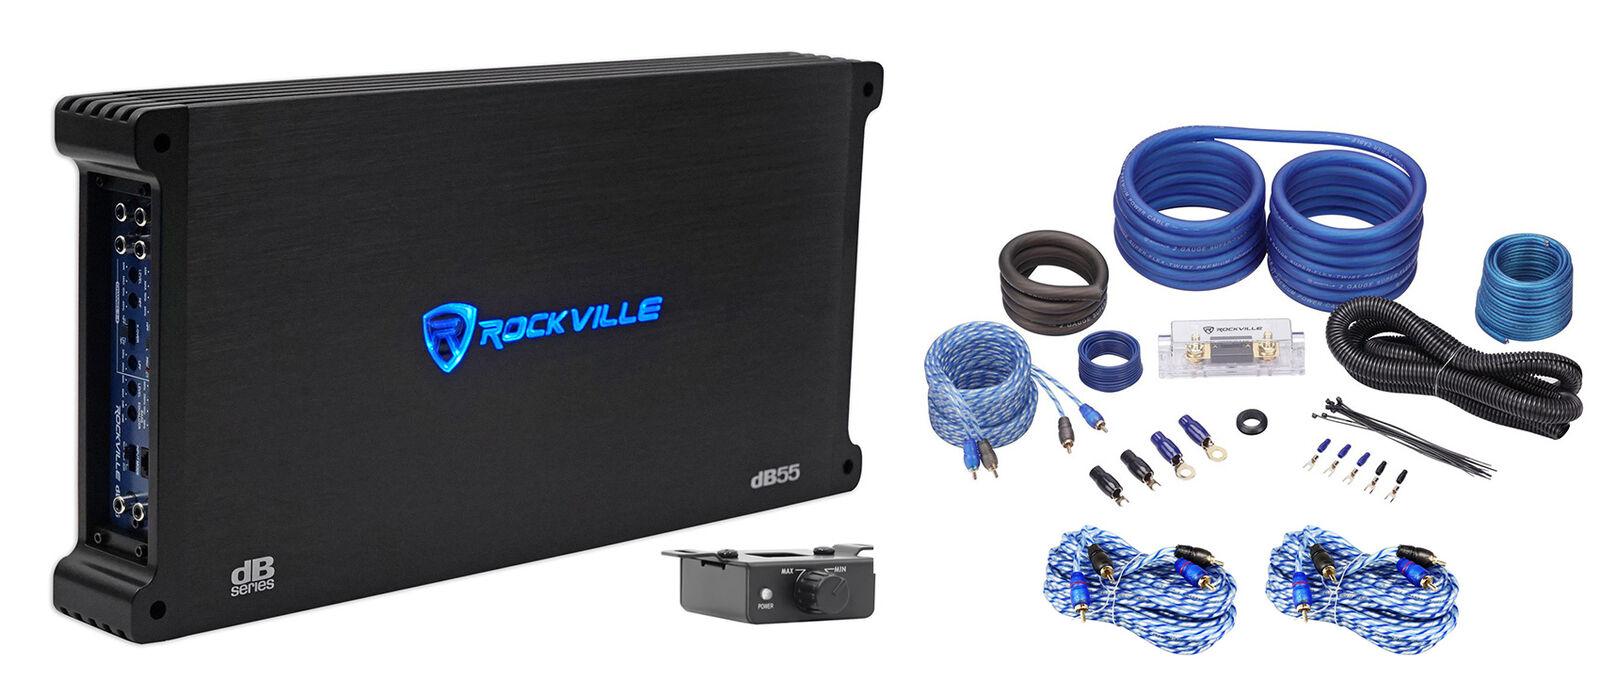 Rockville dB55 4000 Watt/2000w RMS 5 Channel Car Stereo Ampl